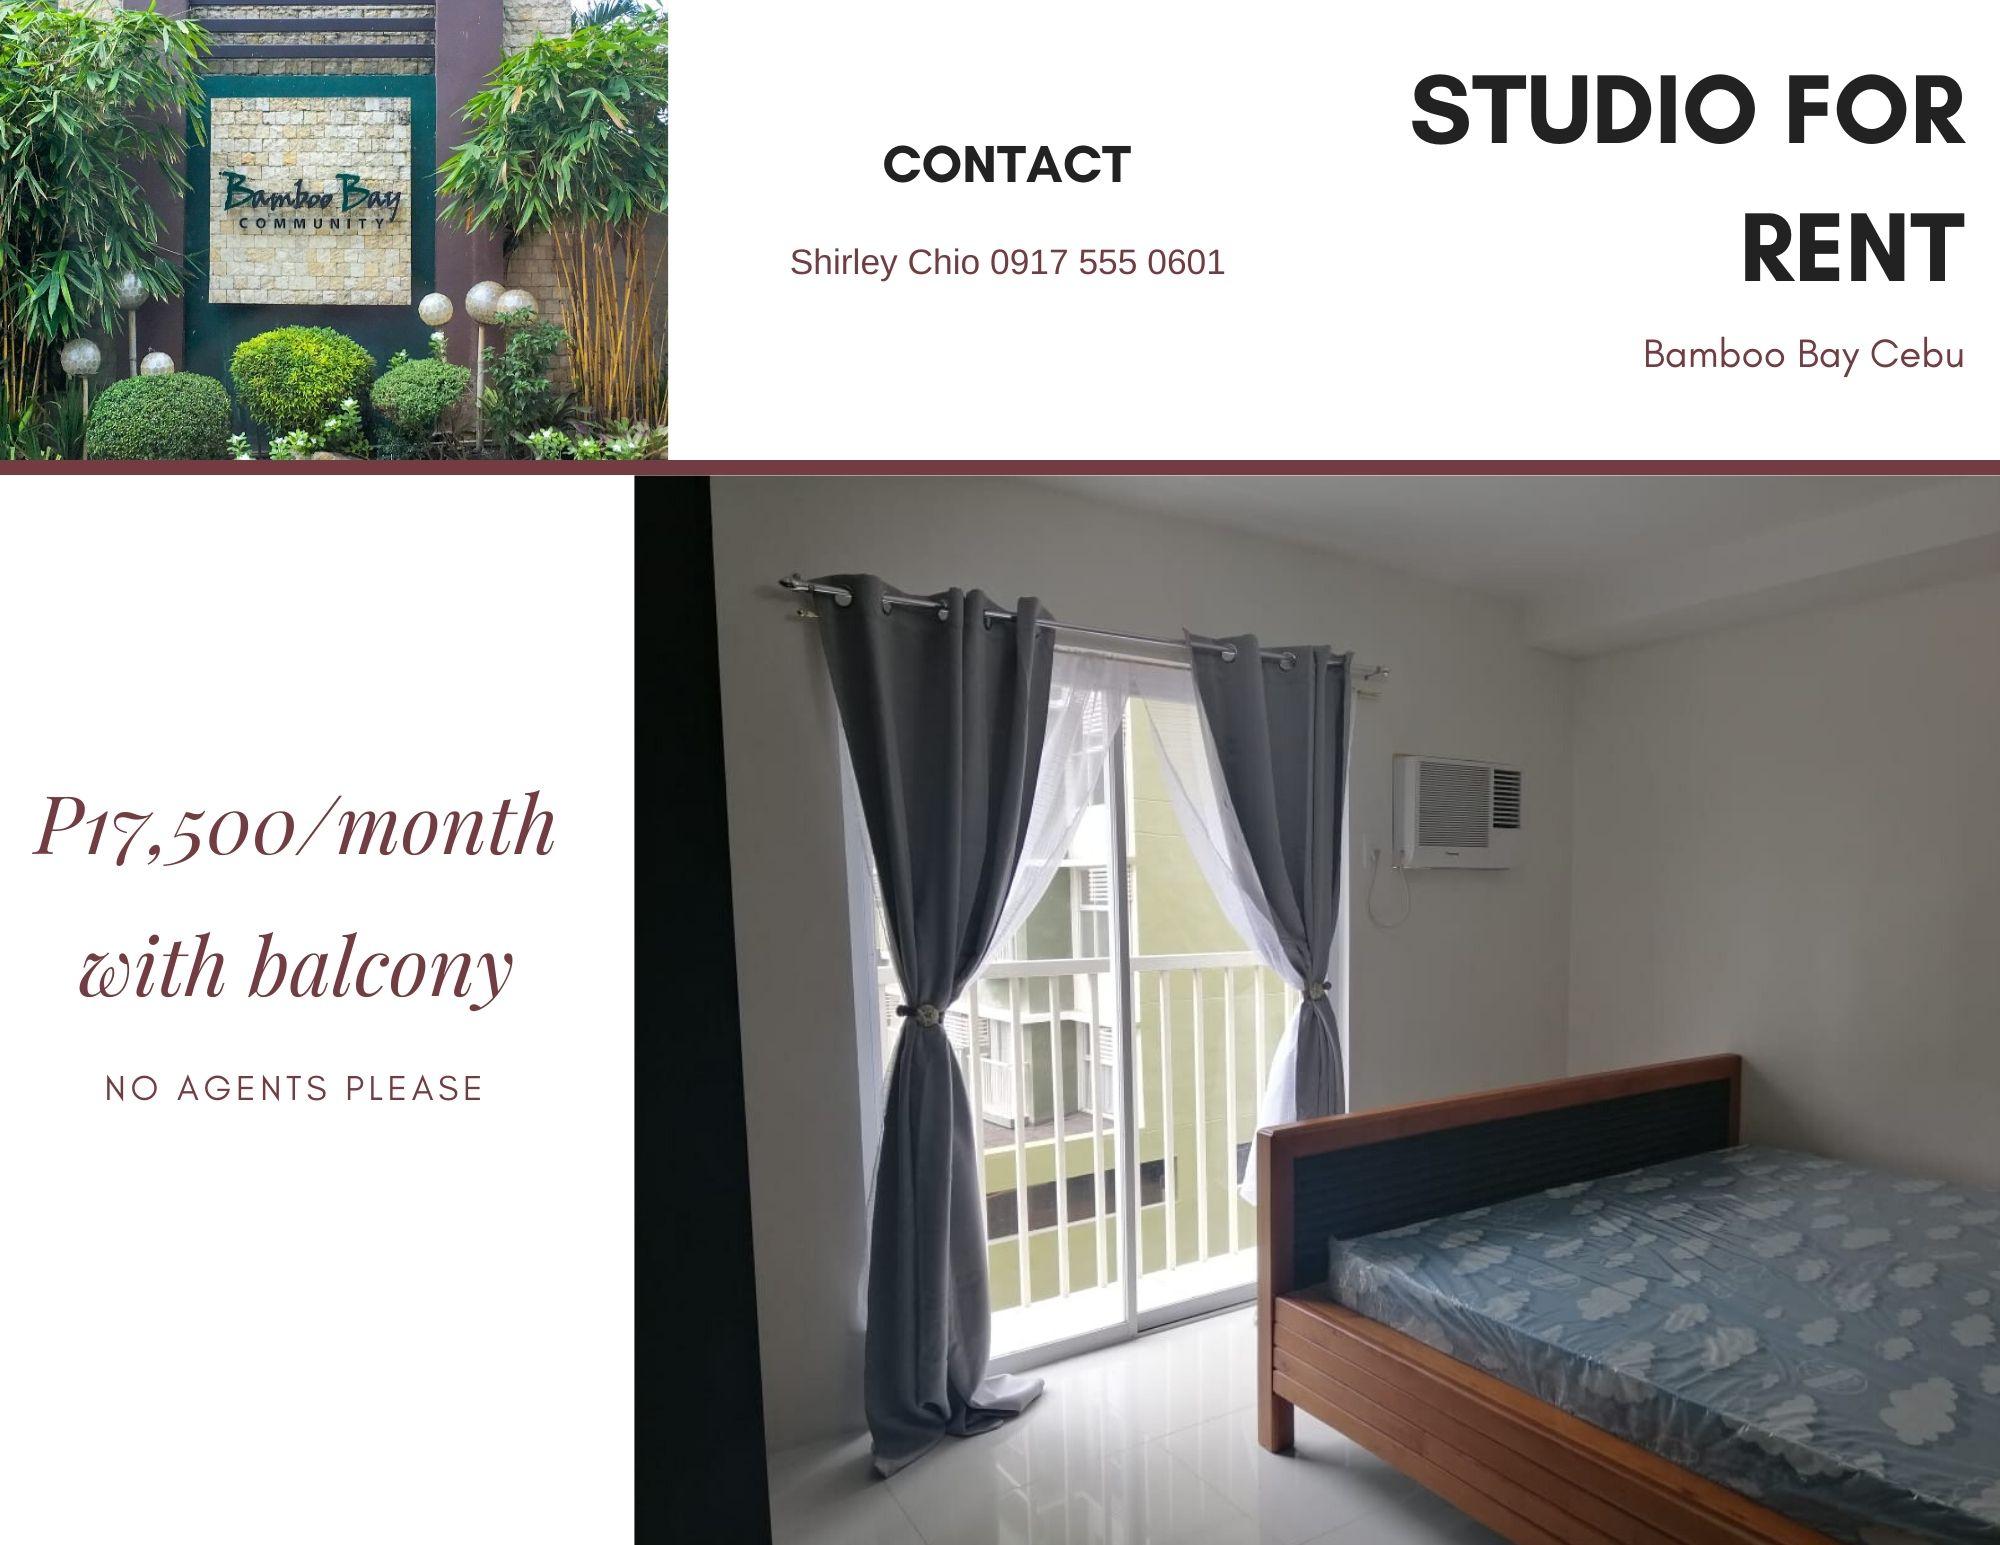 Studio with balcony condominium for rent in Mandaue Cebu